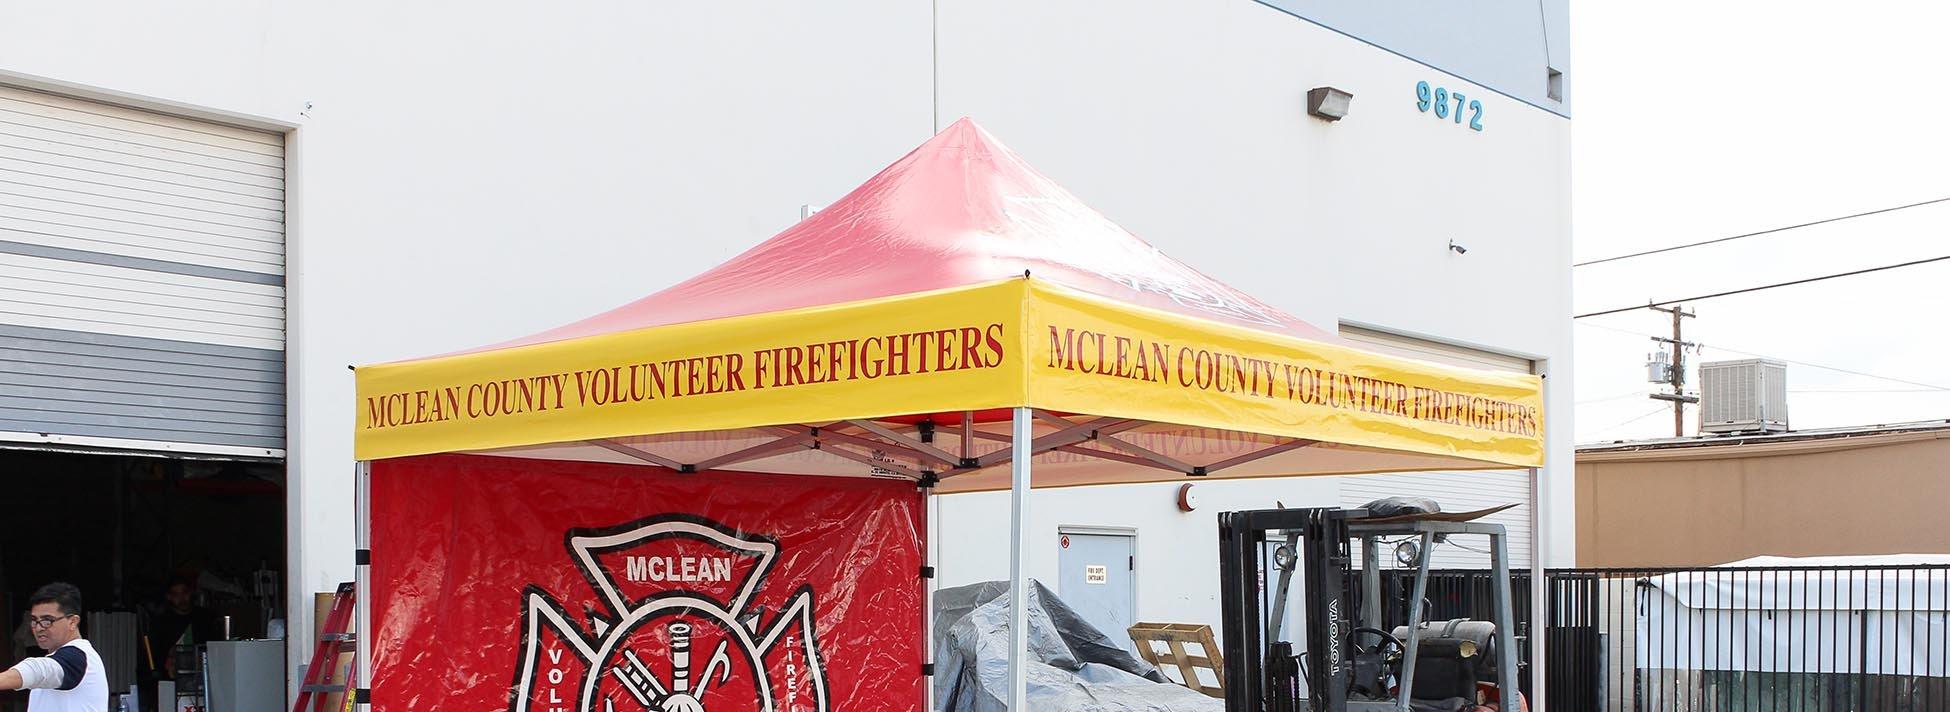 mclean-firefighters-header.jpg